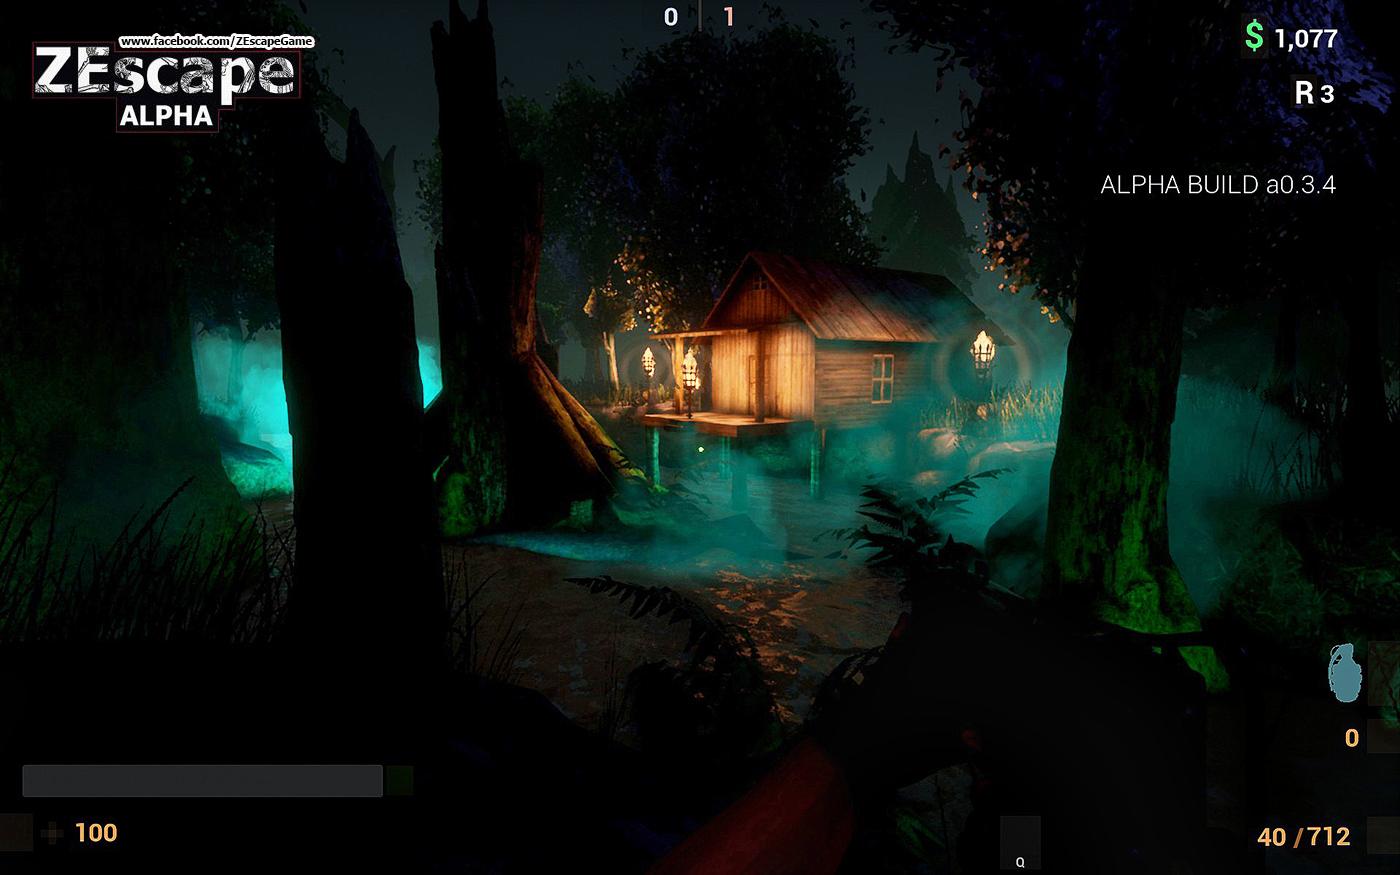 swamp v2 screen2b